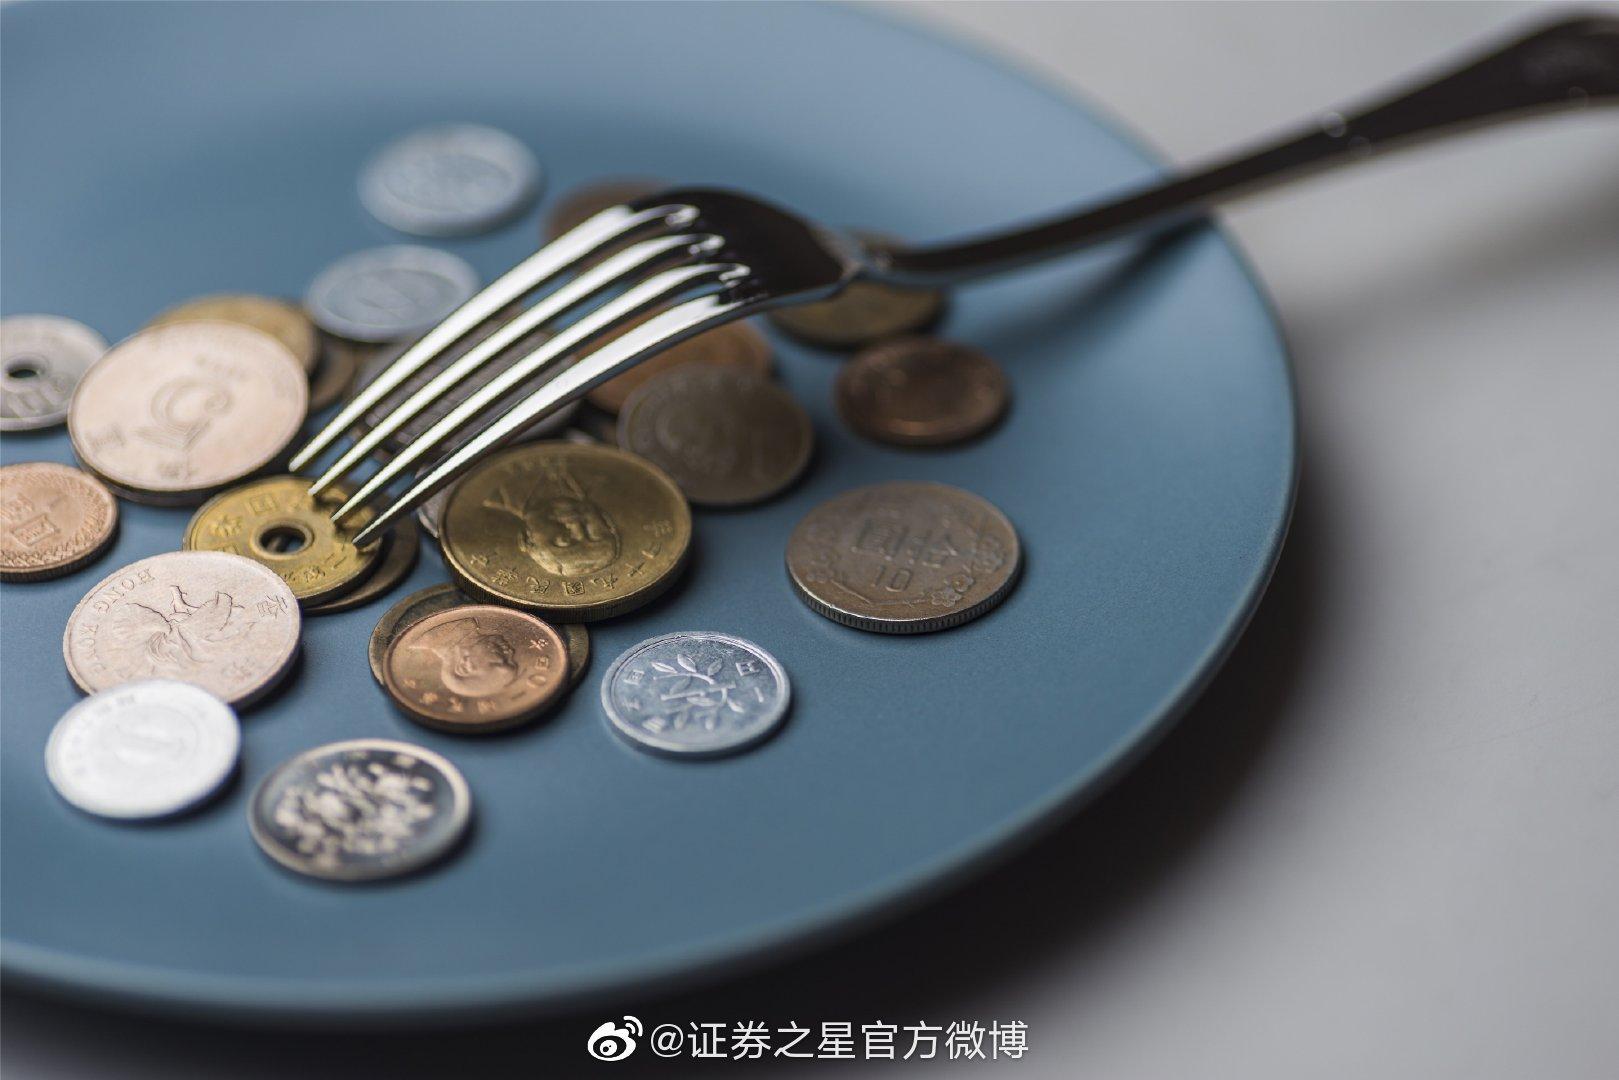 盛松成:人民币不具备大幅贬值基础,长期可能升值